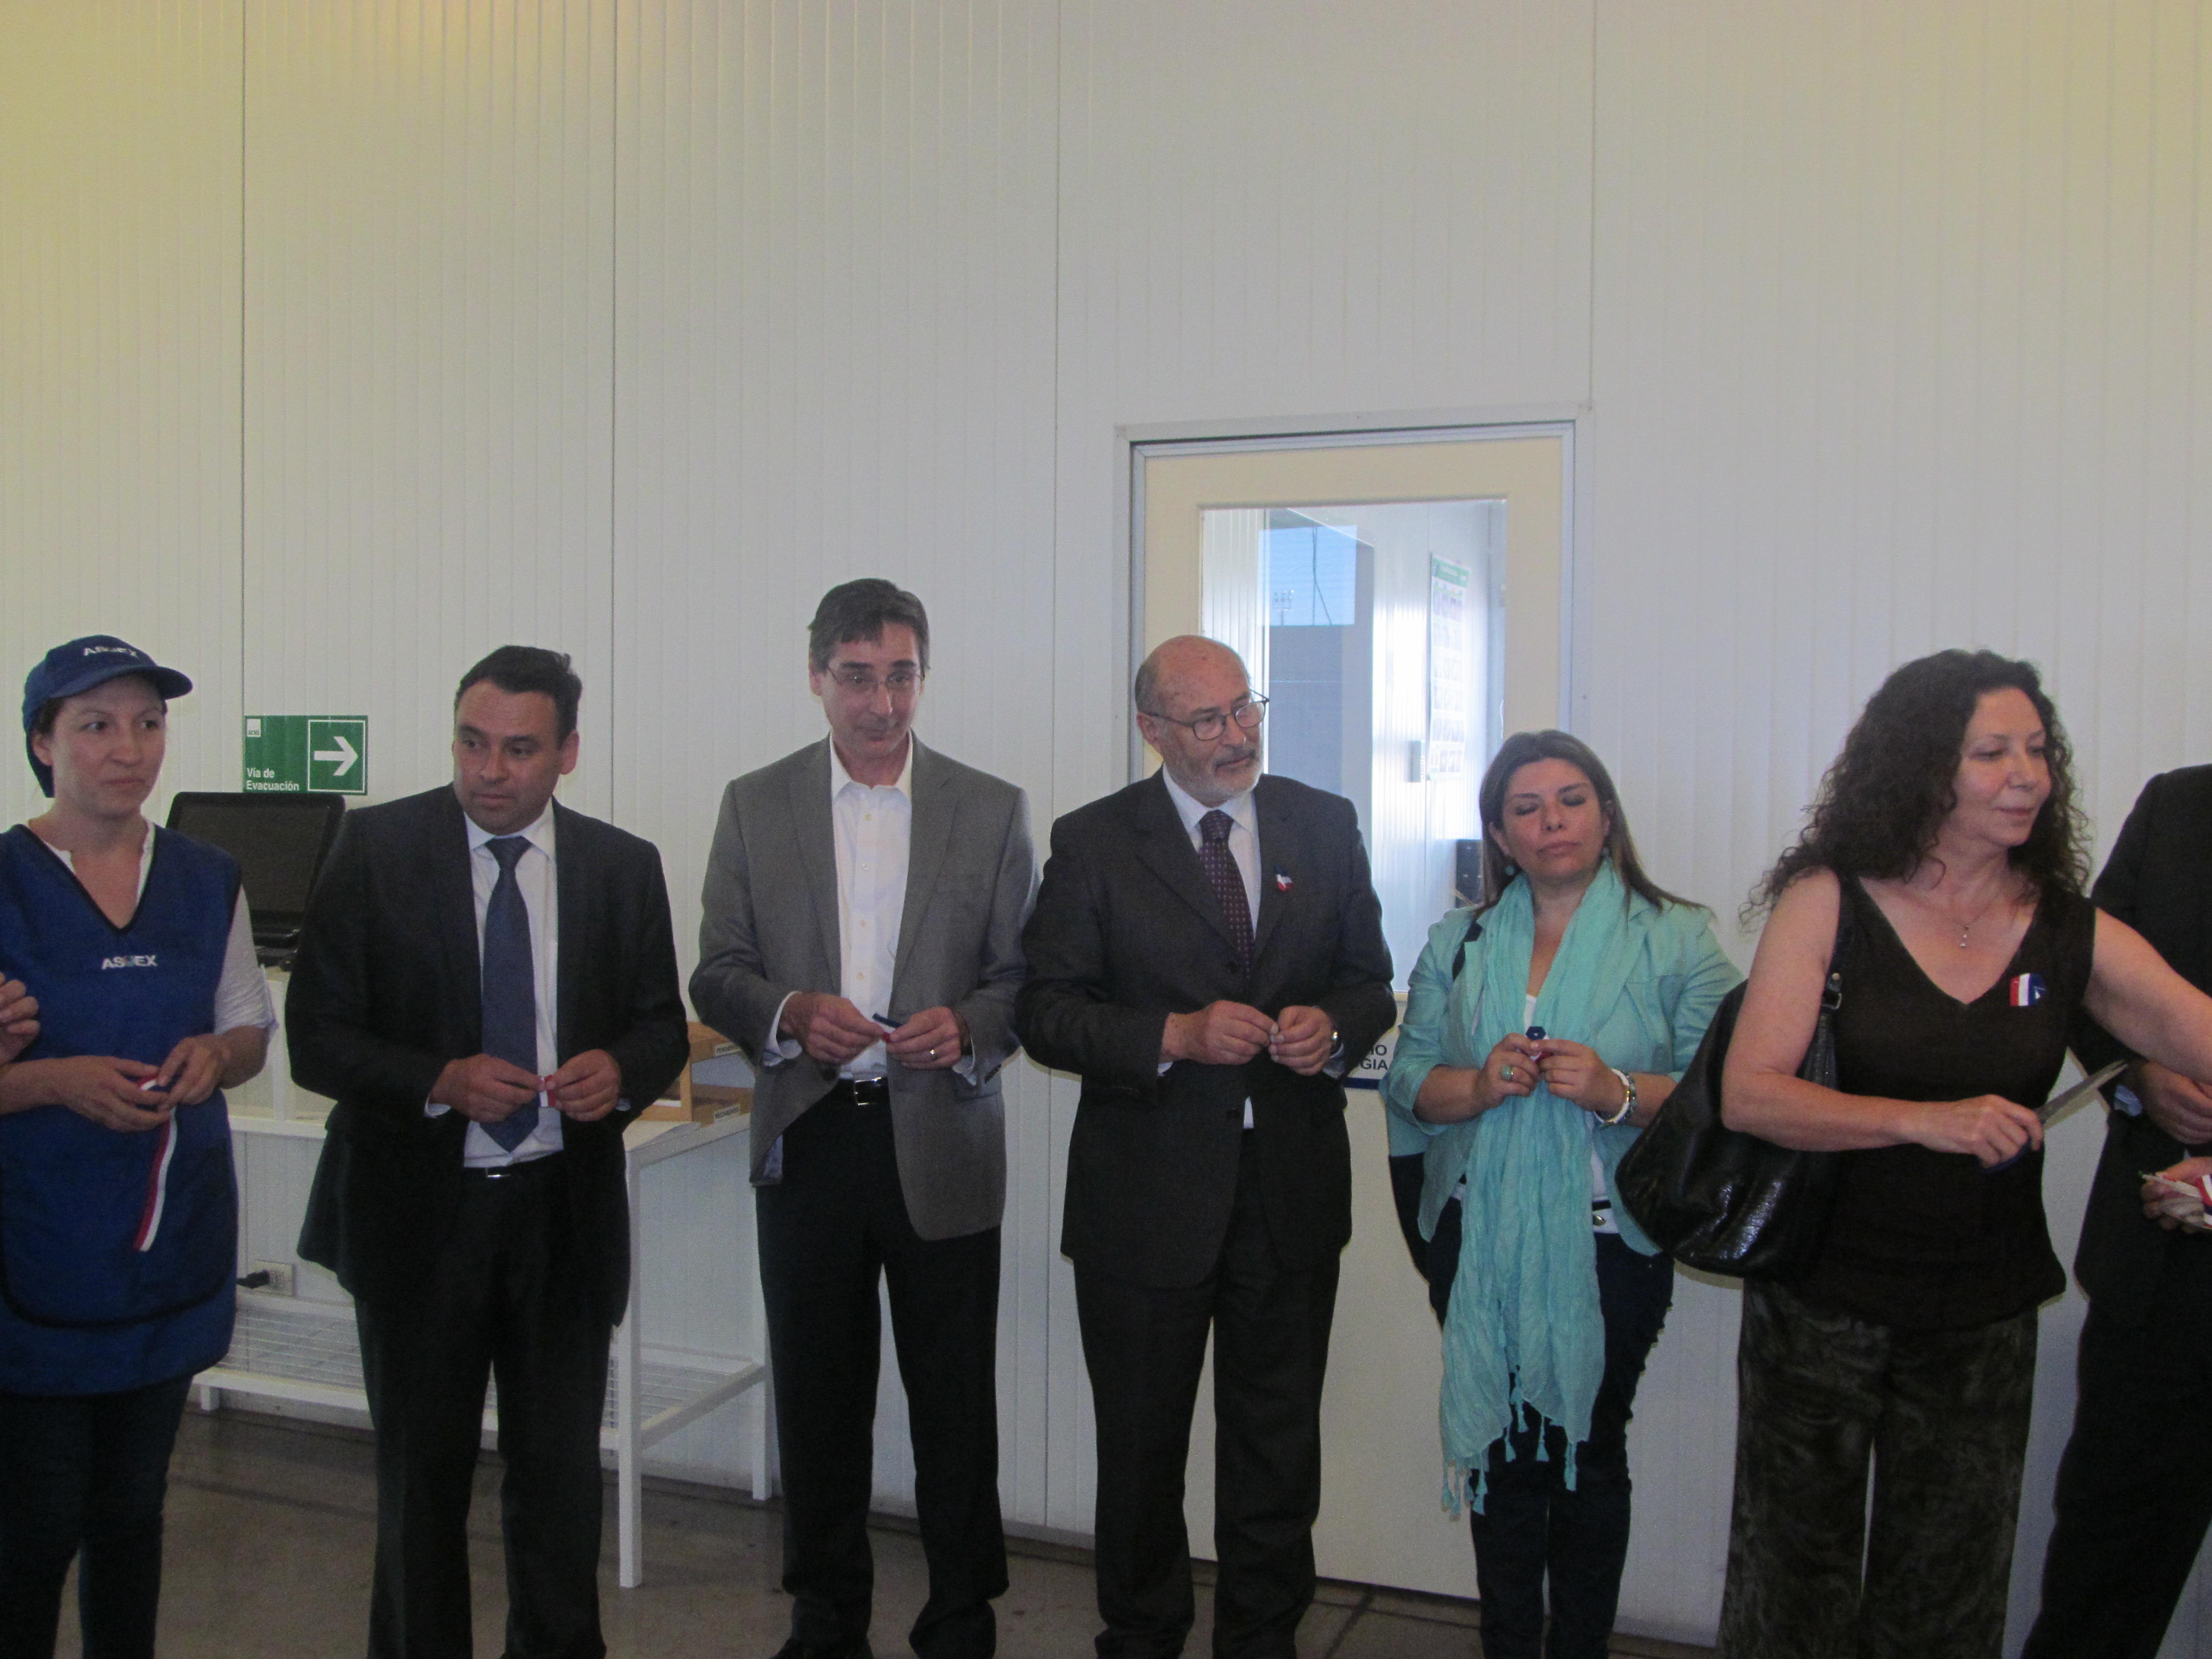 Moderno laboratorio de biología molecular inauguraron en Teno